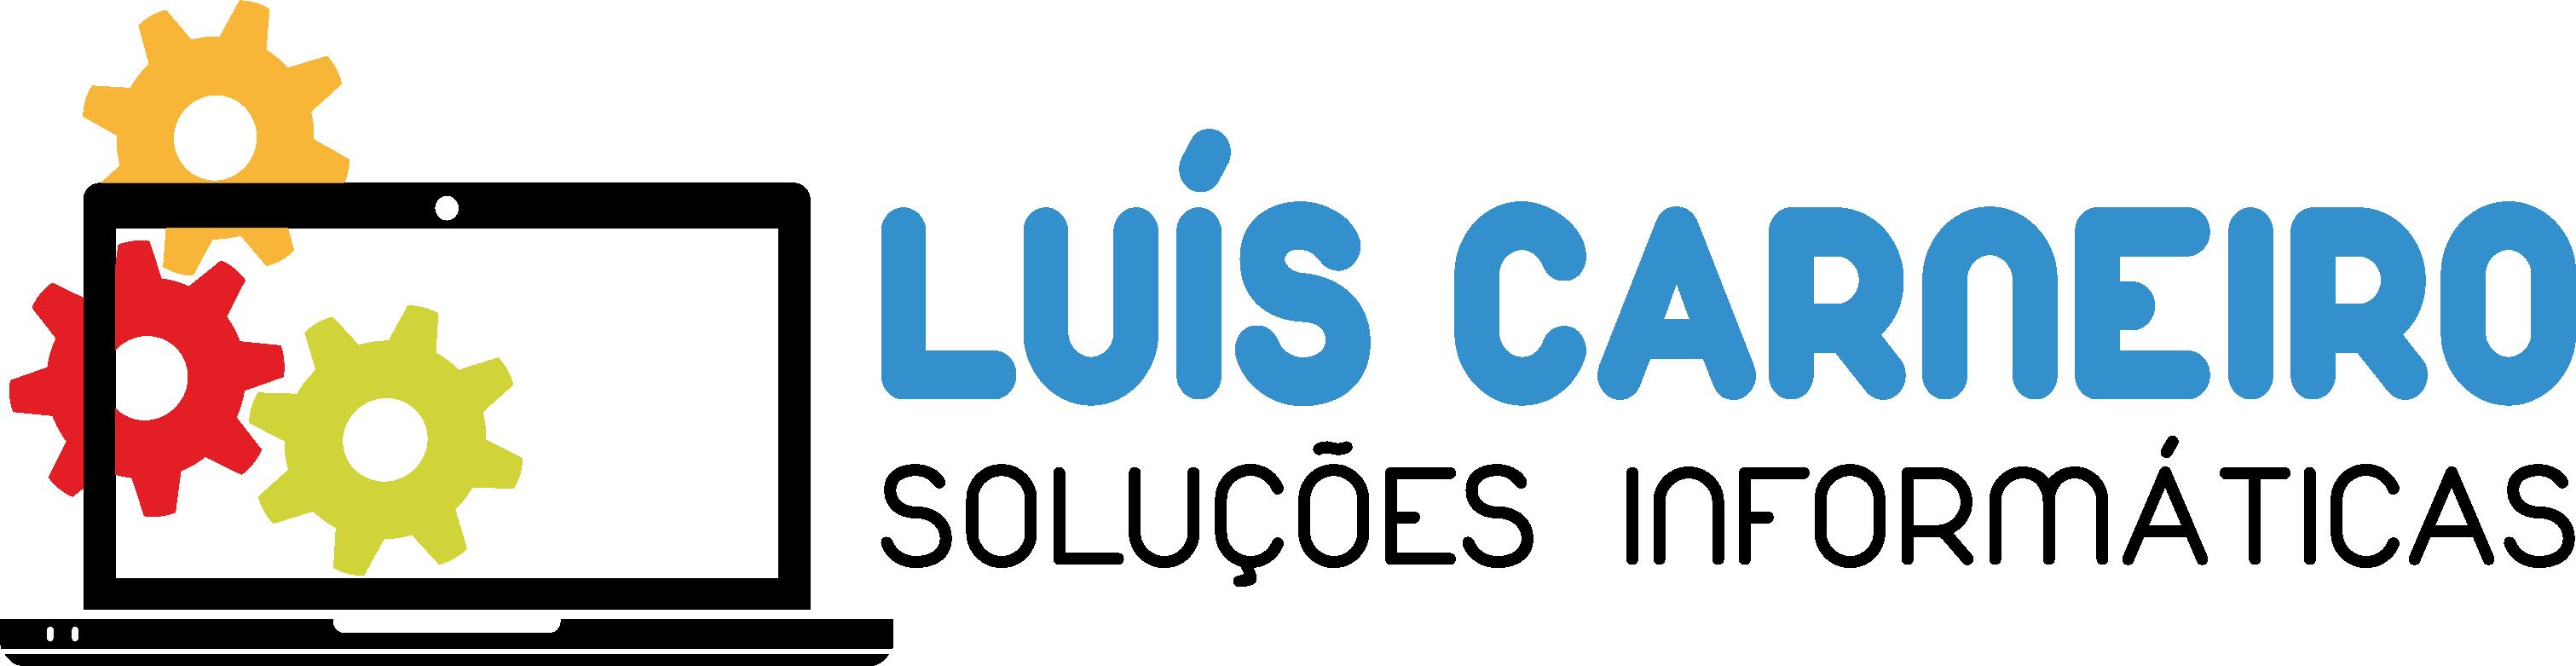 Luís Carneiro – Soluções Informáticas - Software de Gestão, Sistemas POS, Criação de sites, Alojamentos de Sites, Assistência Técnica e Suporte Informático. Vídeo Vigilância.